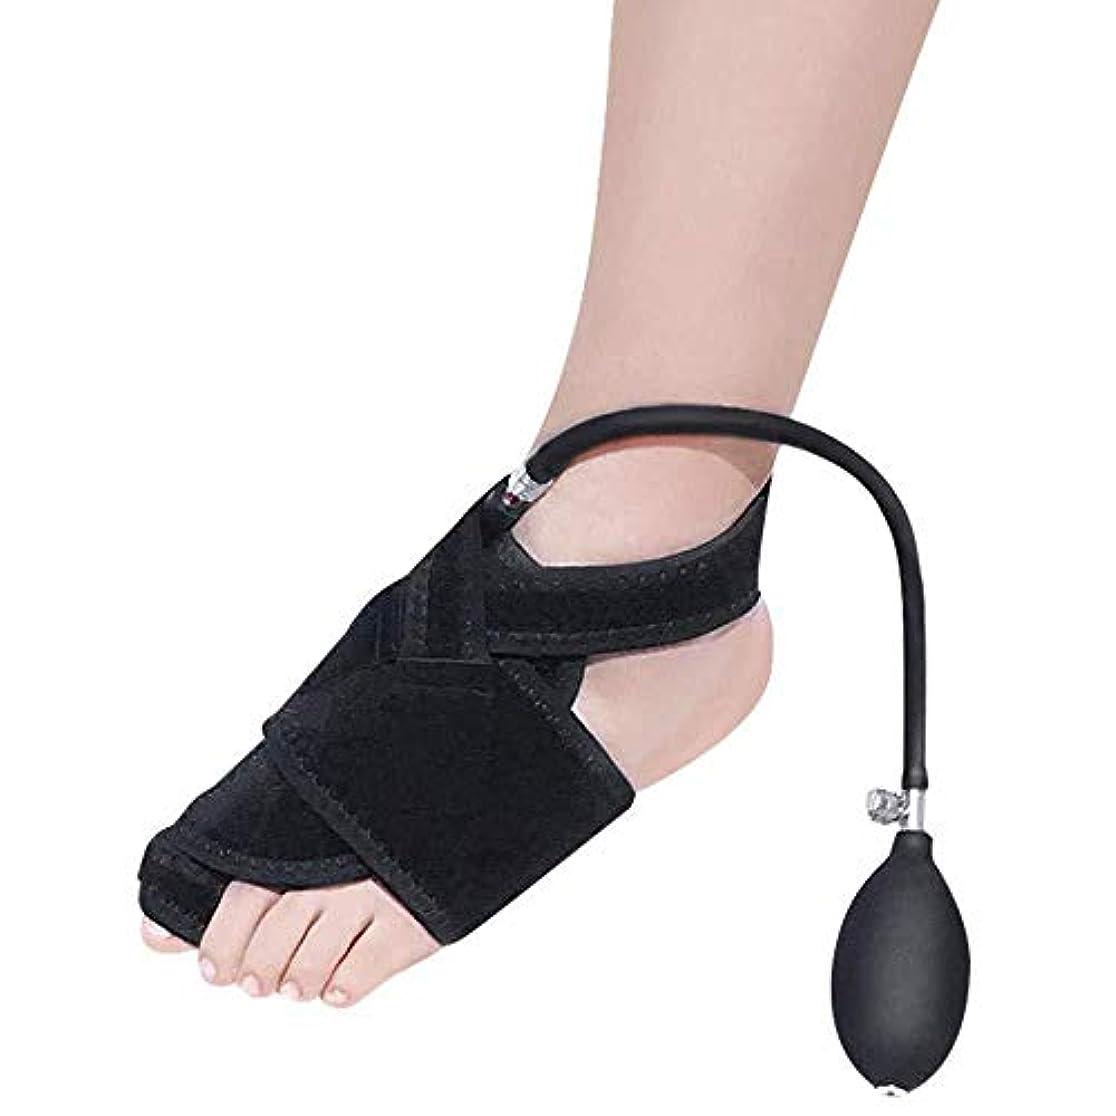 篭判決複合つま先セパレーター、左の膨脹可能なつま先変形足の親指矯正器および空気圧式整形外科用補助腱膜瘤手術の回復,Leftfoot